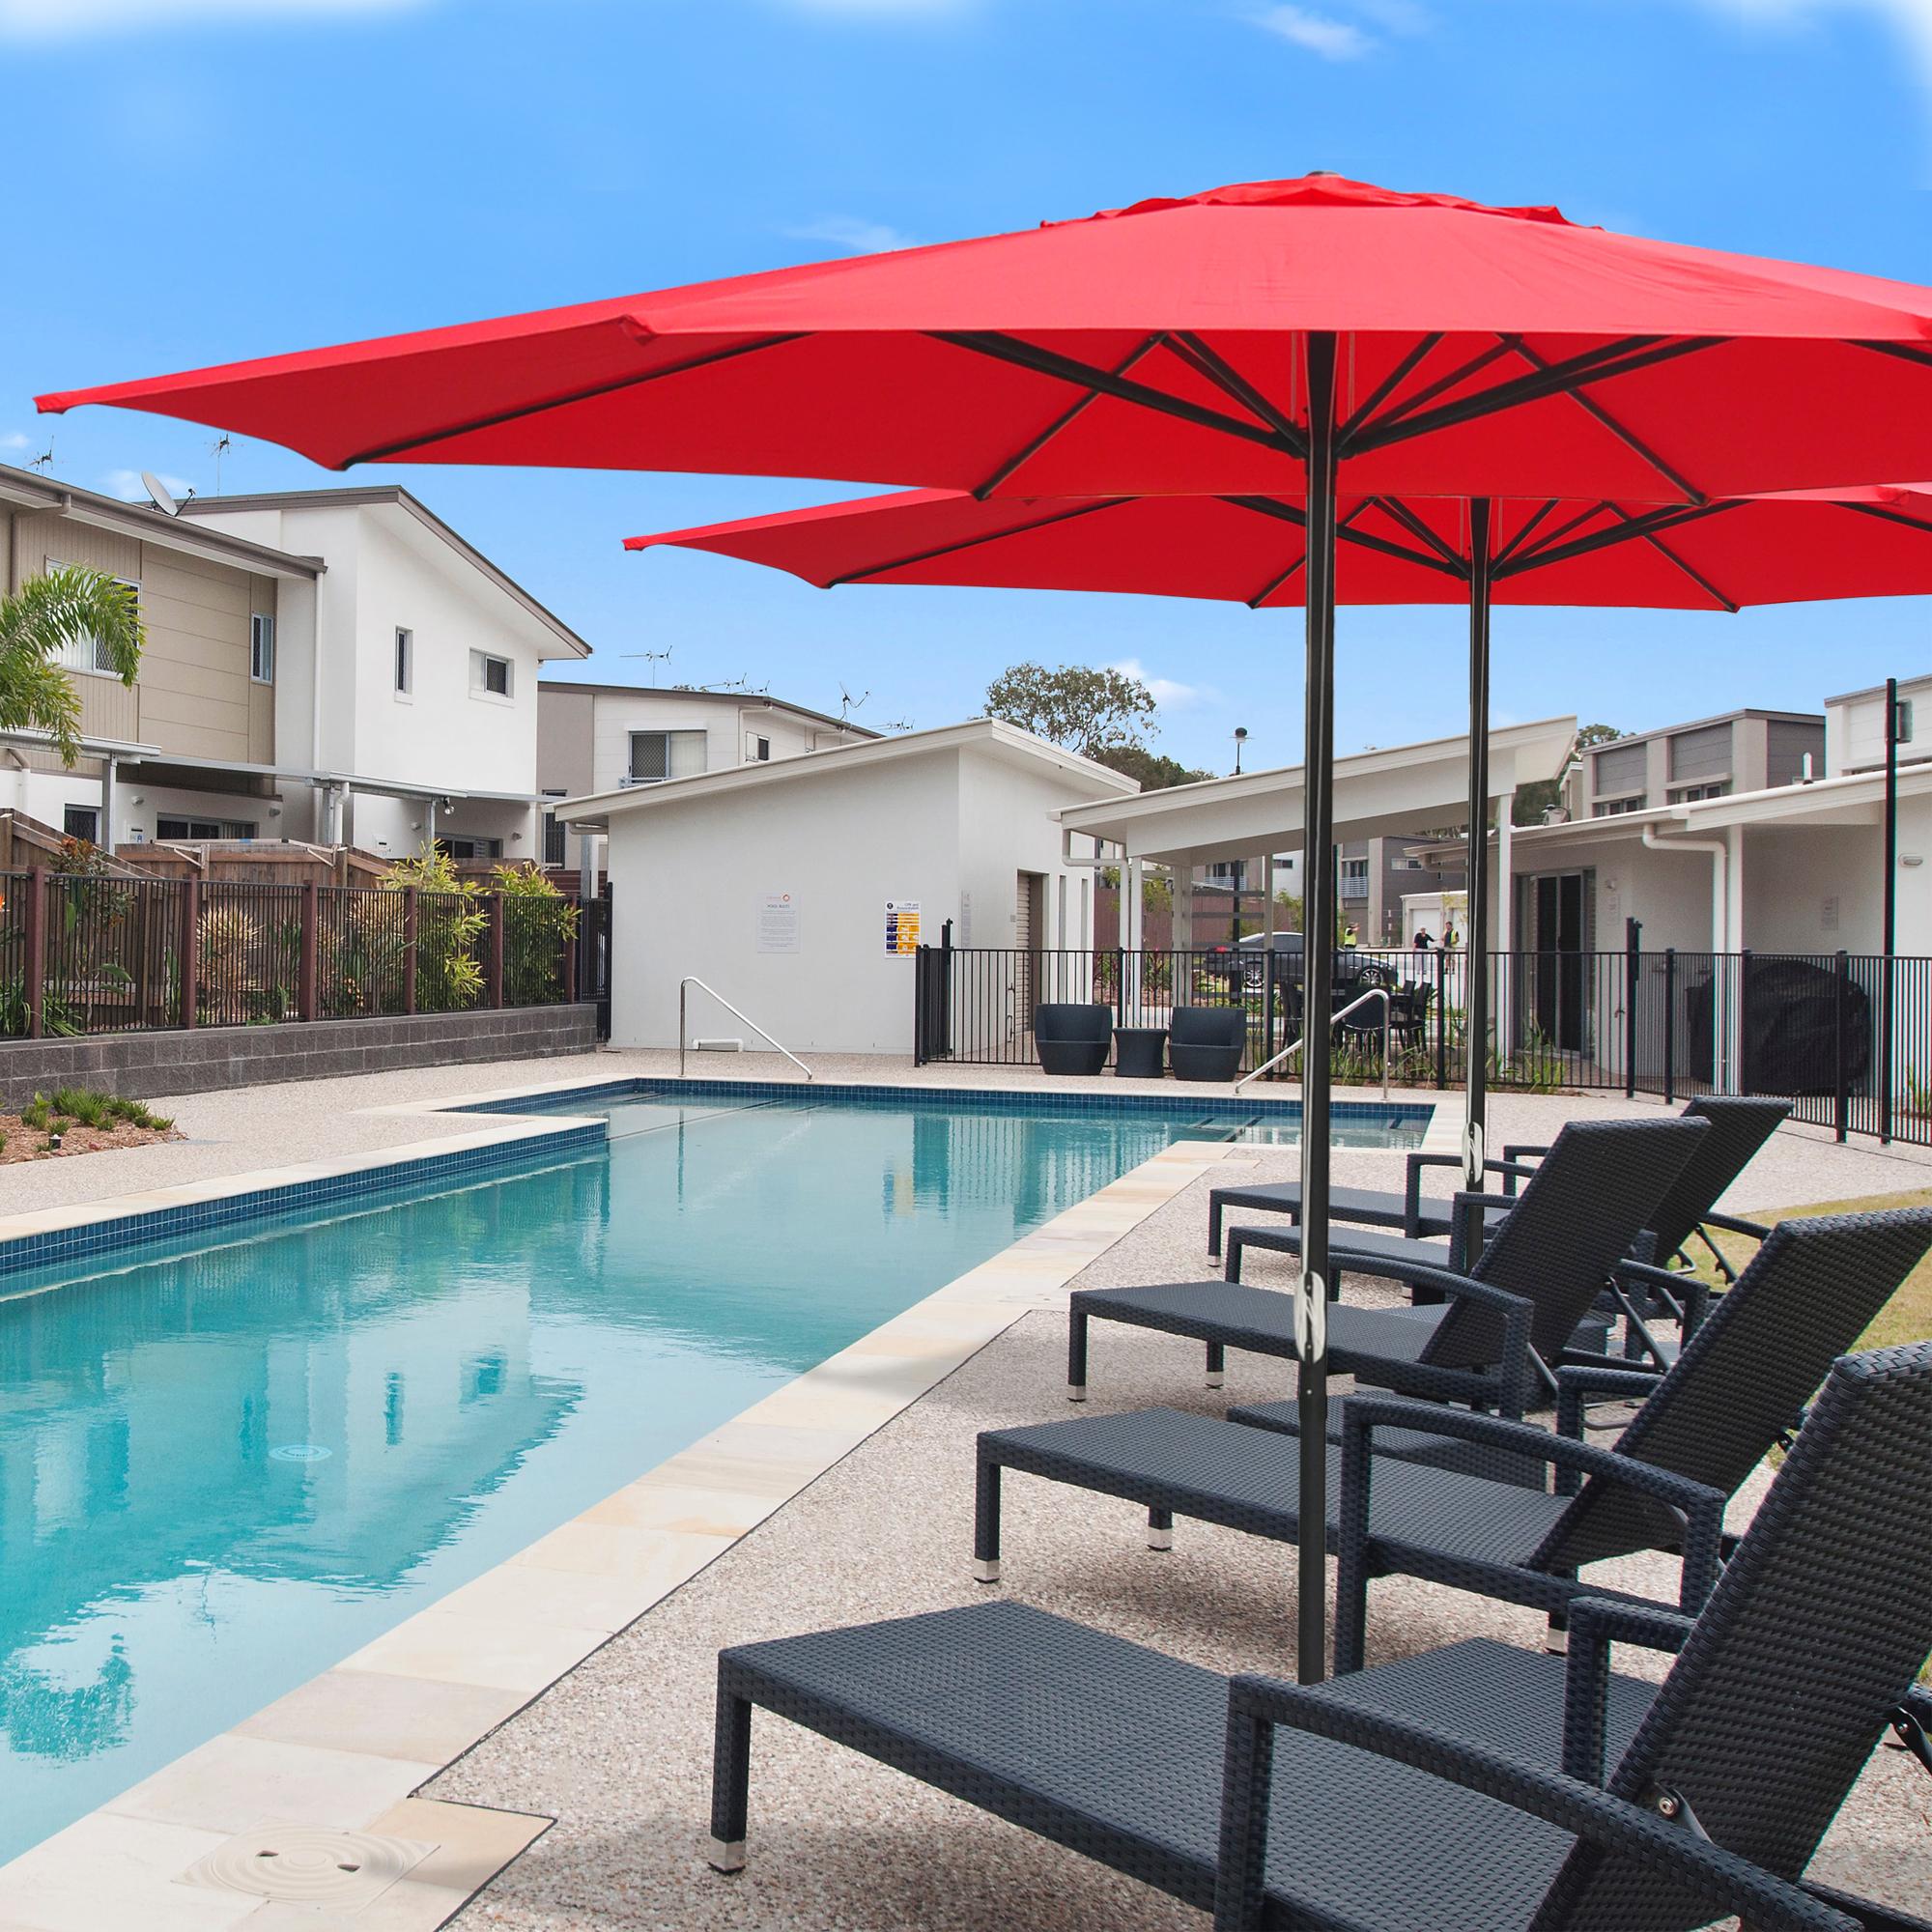 thumbnail 50 - 13' FT Sun Shade Patio Aluminum Umbrella UV30+ Outdoor Market Garden Beach Deck